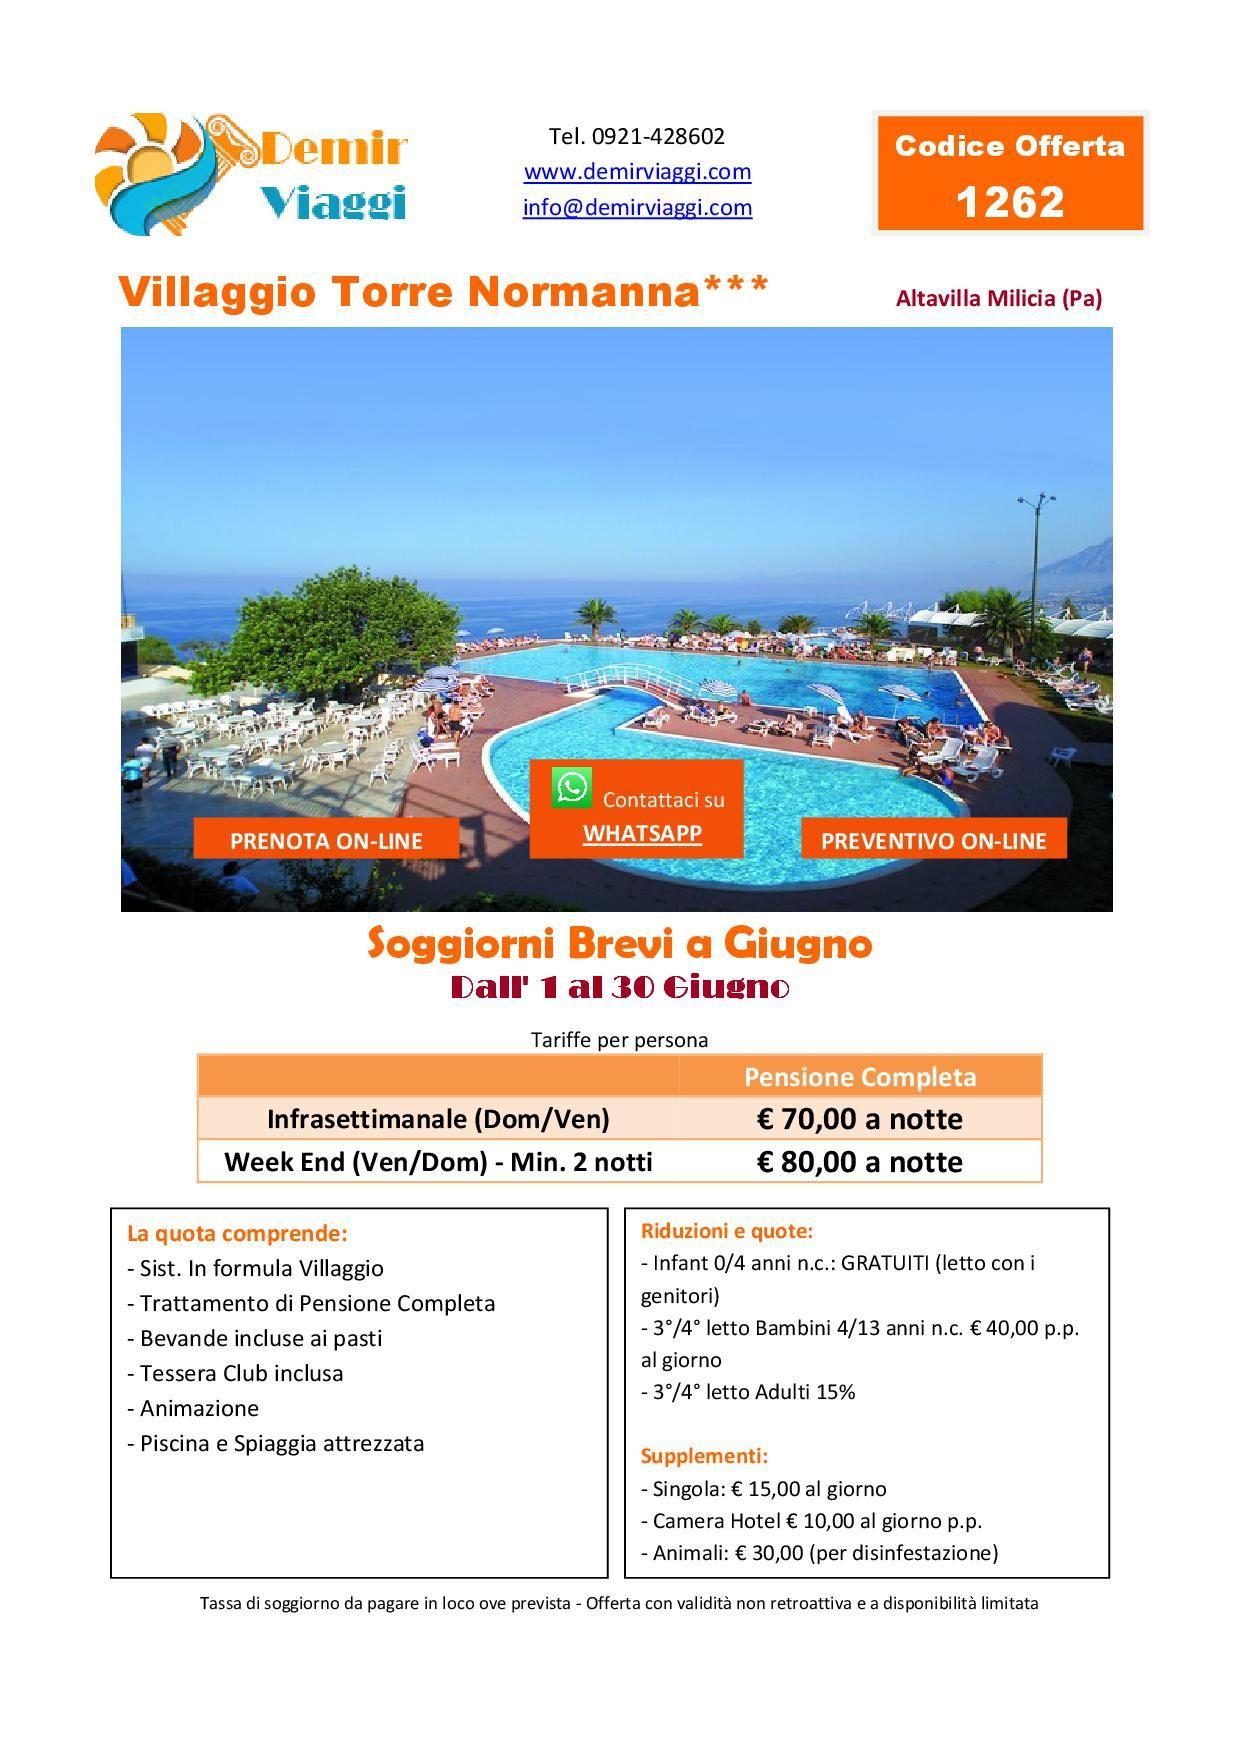 Hotel Villaggio Torre Normanna*** - Altavilla Milicia (Pa ...